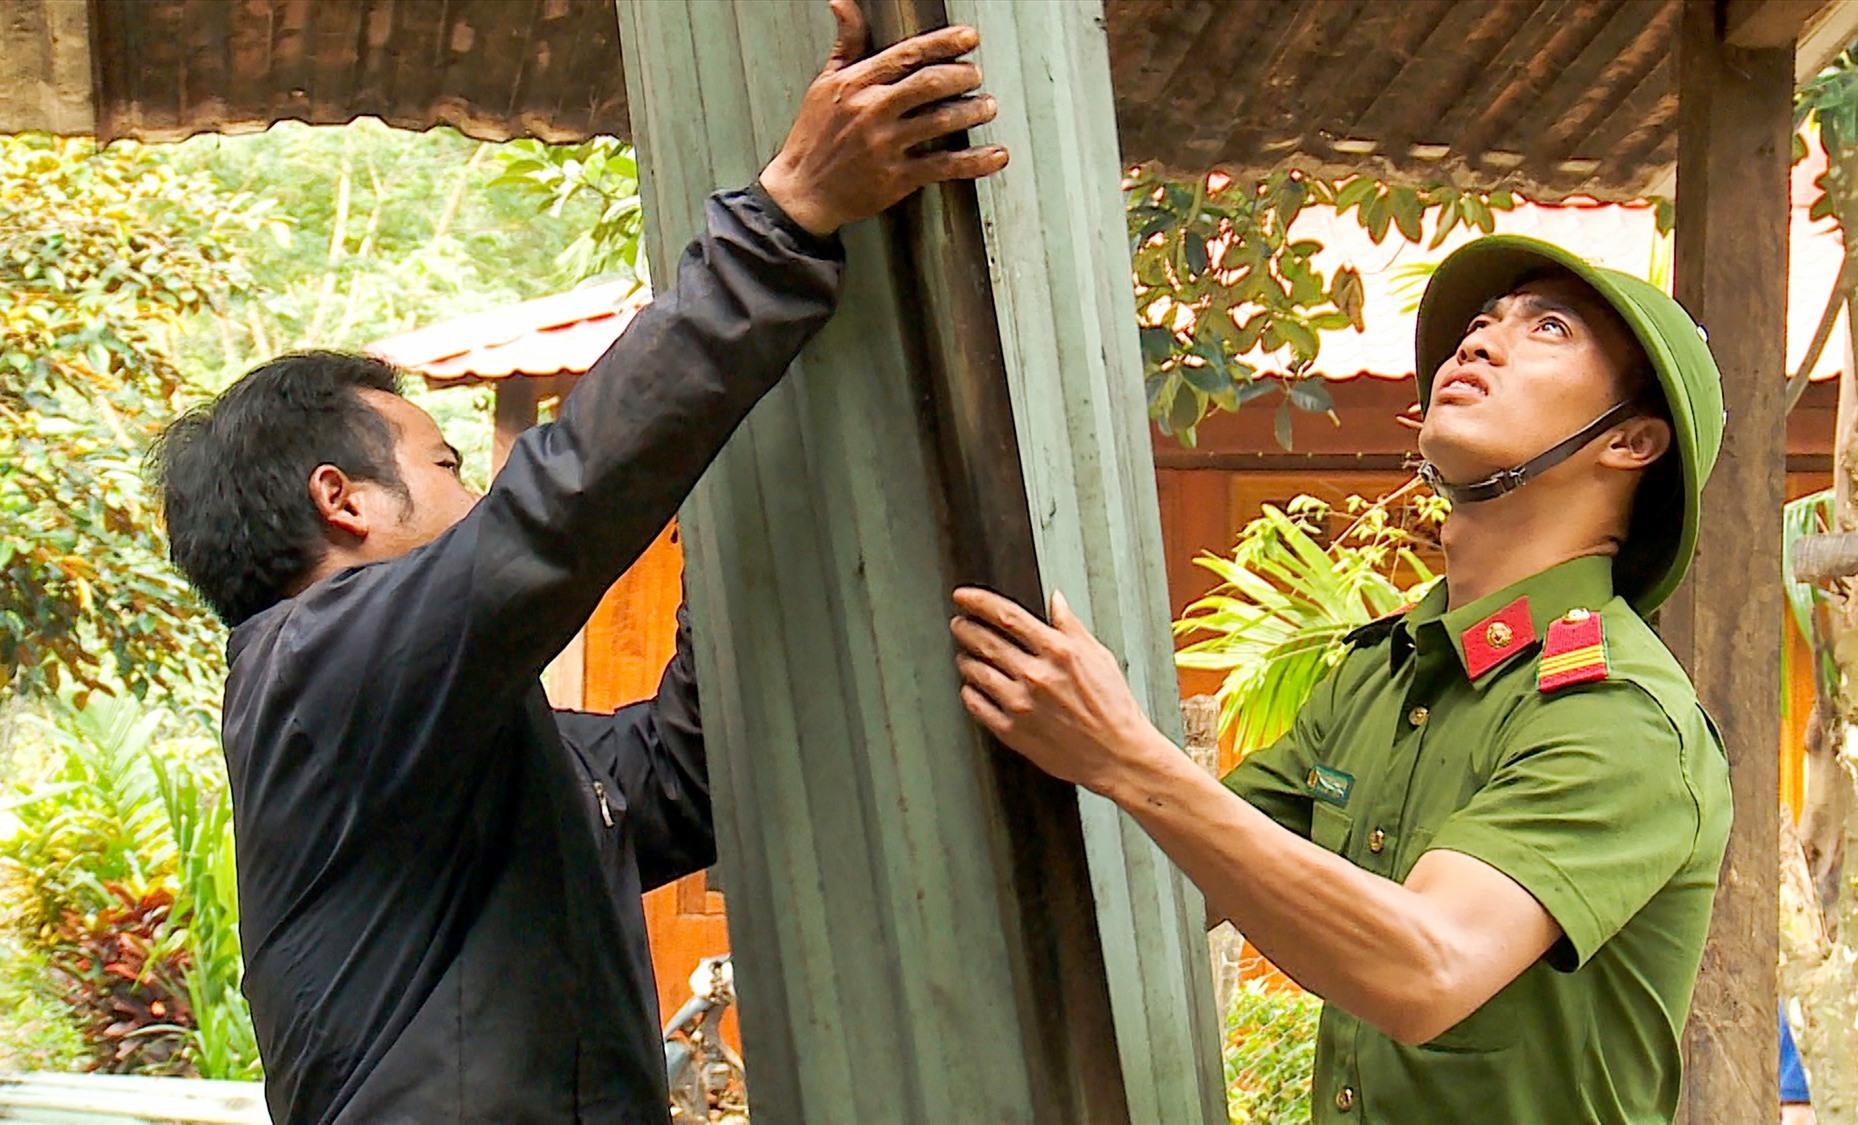 Cán bộ công an và người dân cùng nhau dựng nhà, vượt qua khó khăn. Ảnh: HỒ QUÂN